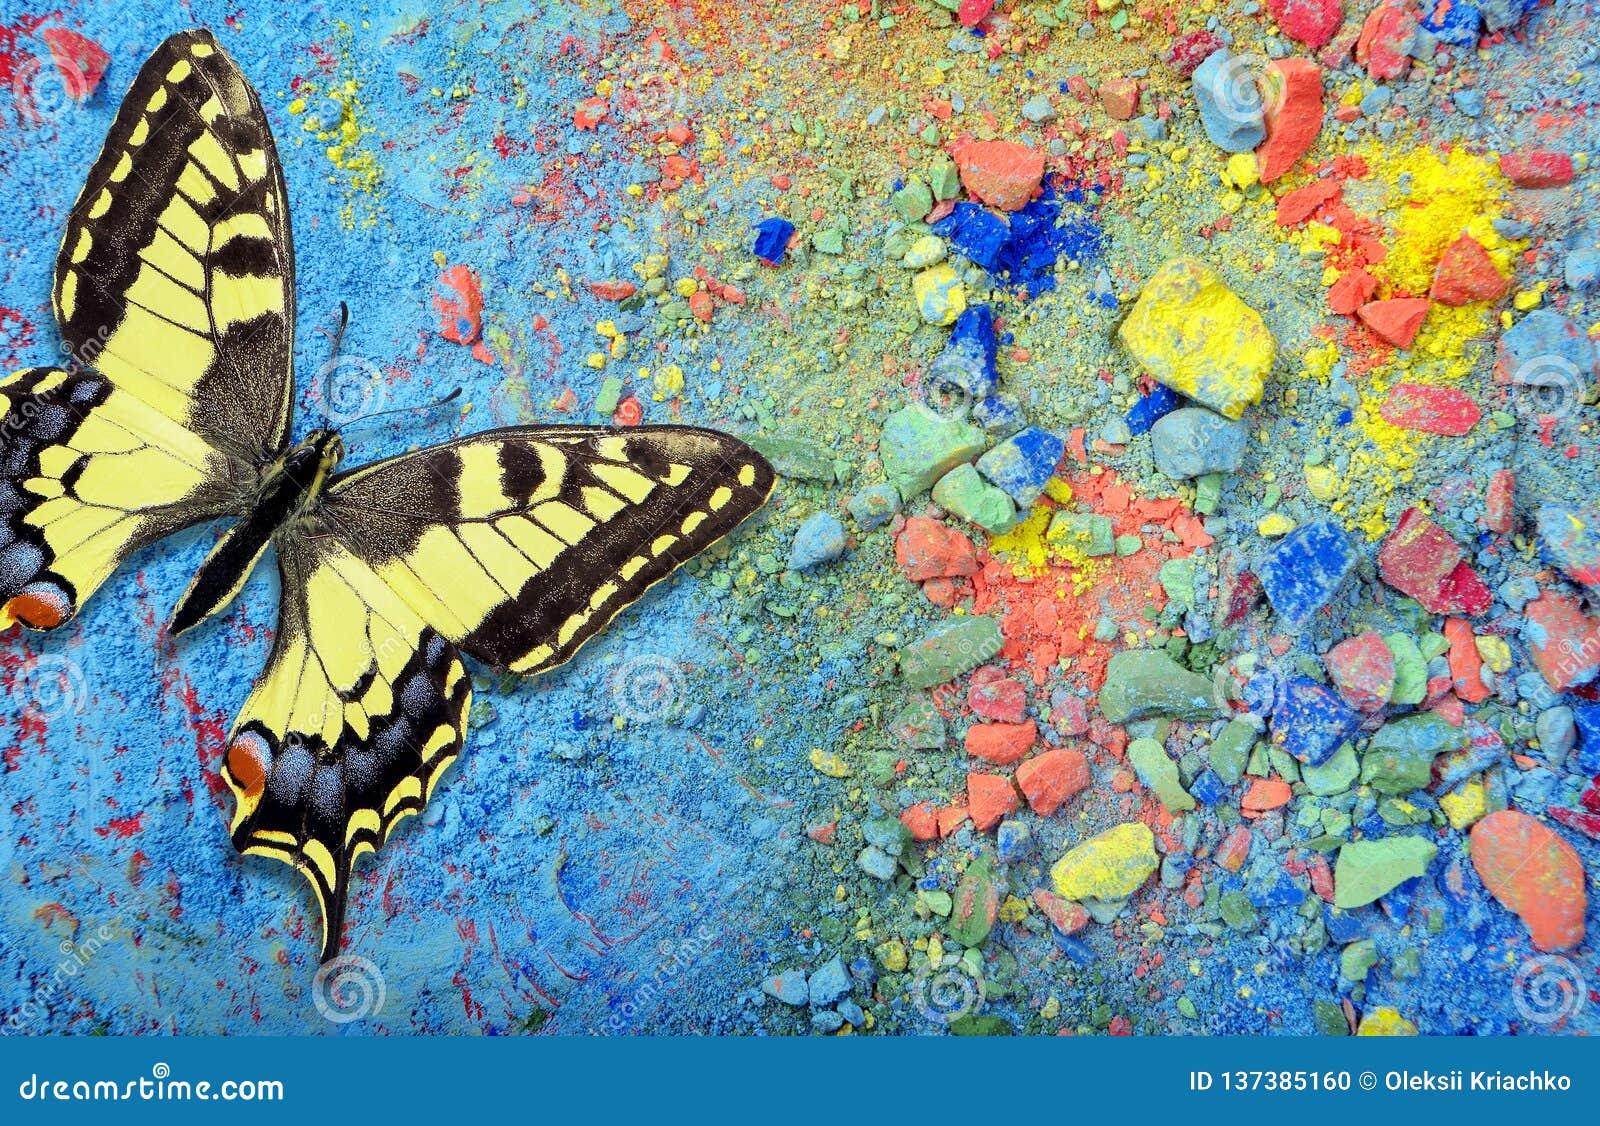 Ljus mångfärgad fjäril på en färgrik pastellfärgad bakgrund Ordet FÄRG på kulöra räknare i skarp fokus mot gråa suddiga bokstäver